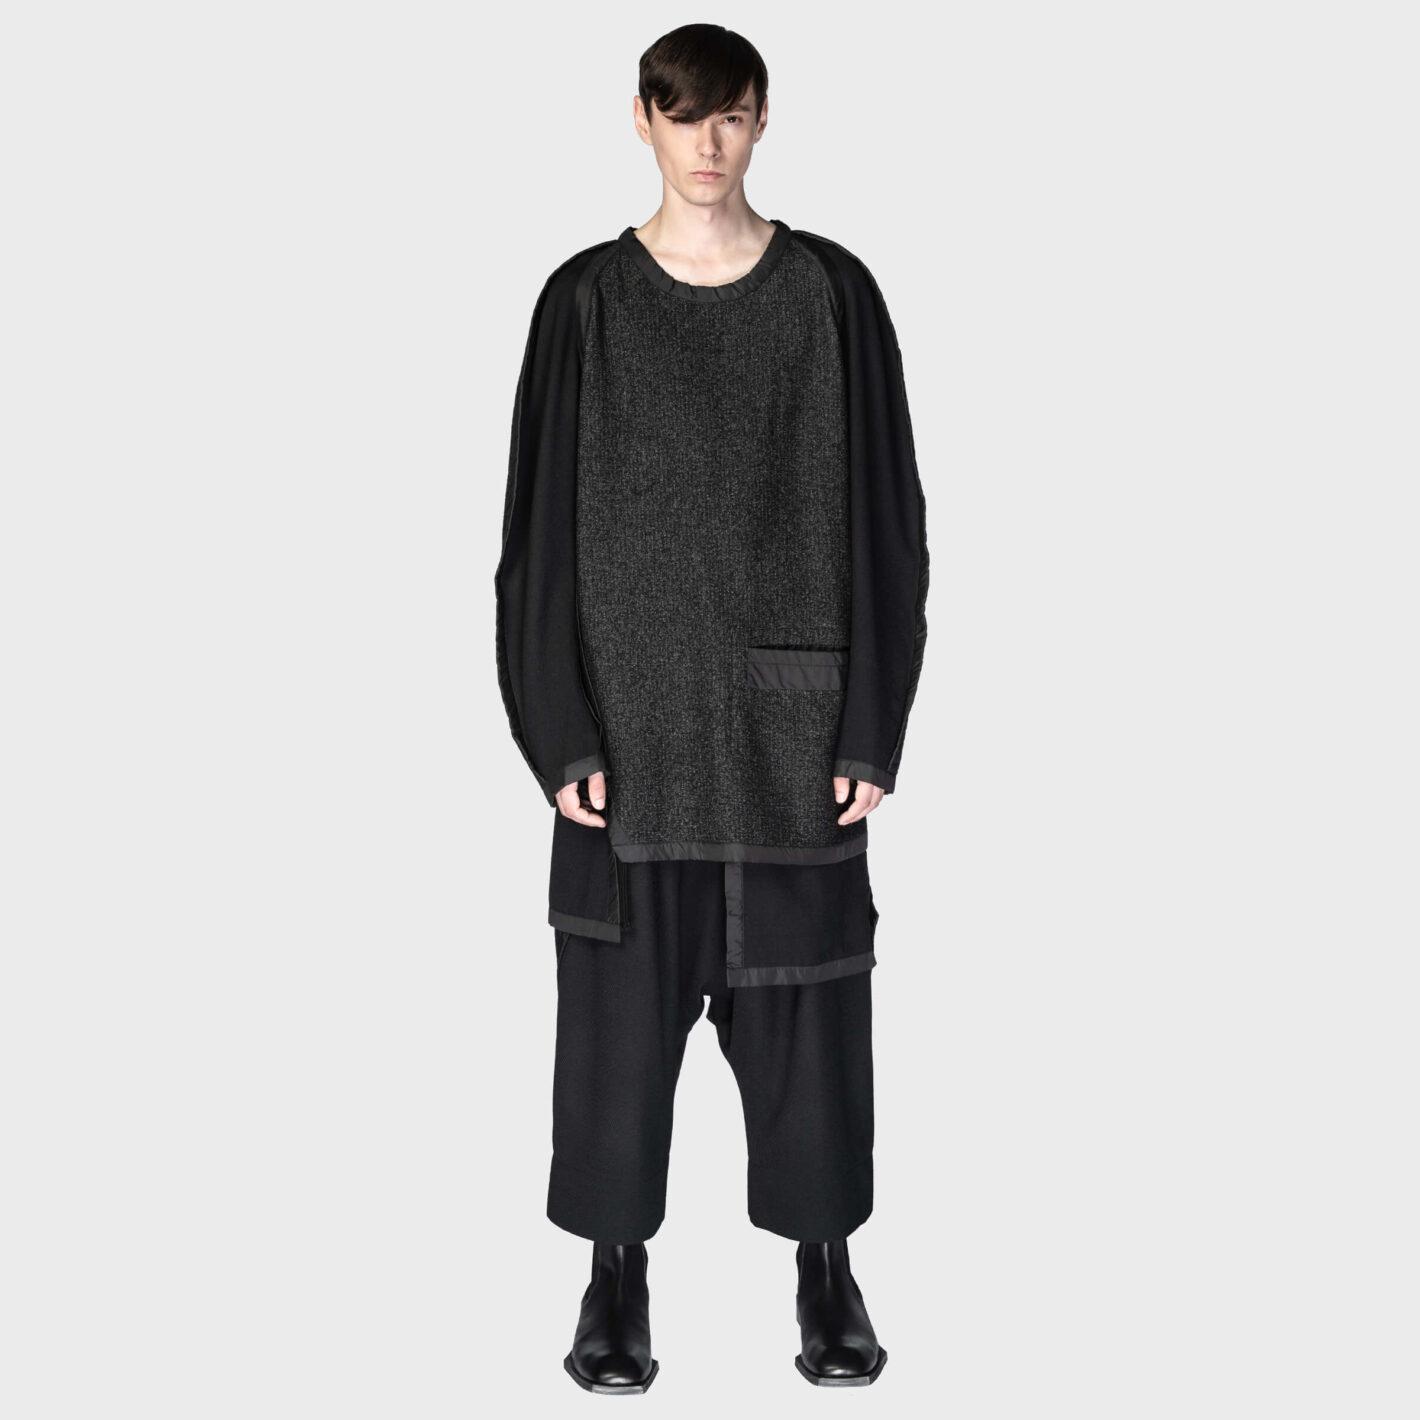 SOSNOVSKA Framed Edges Sweater